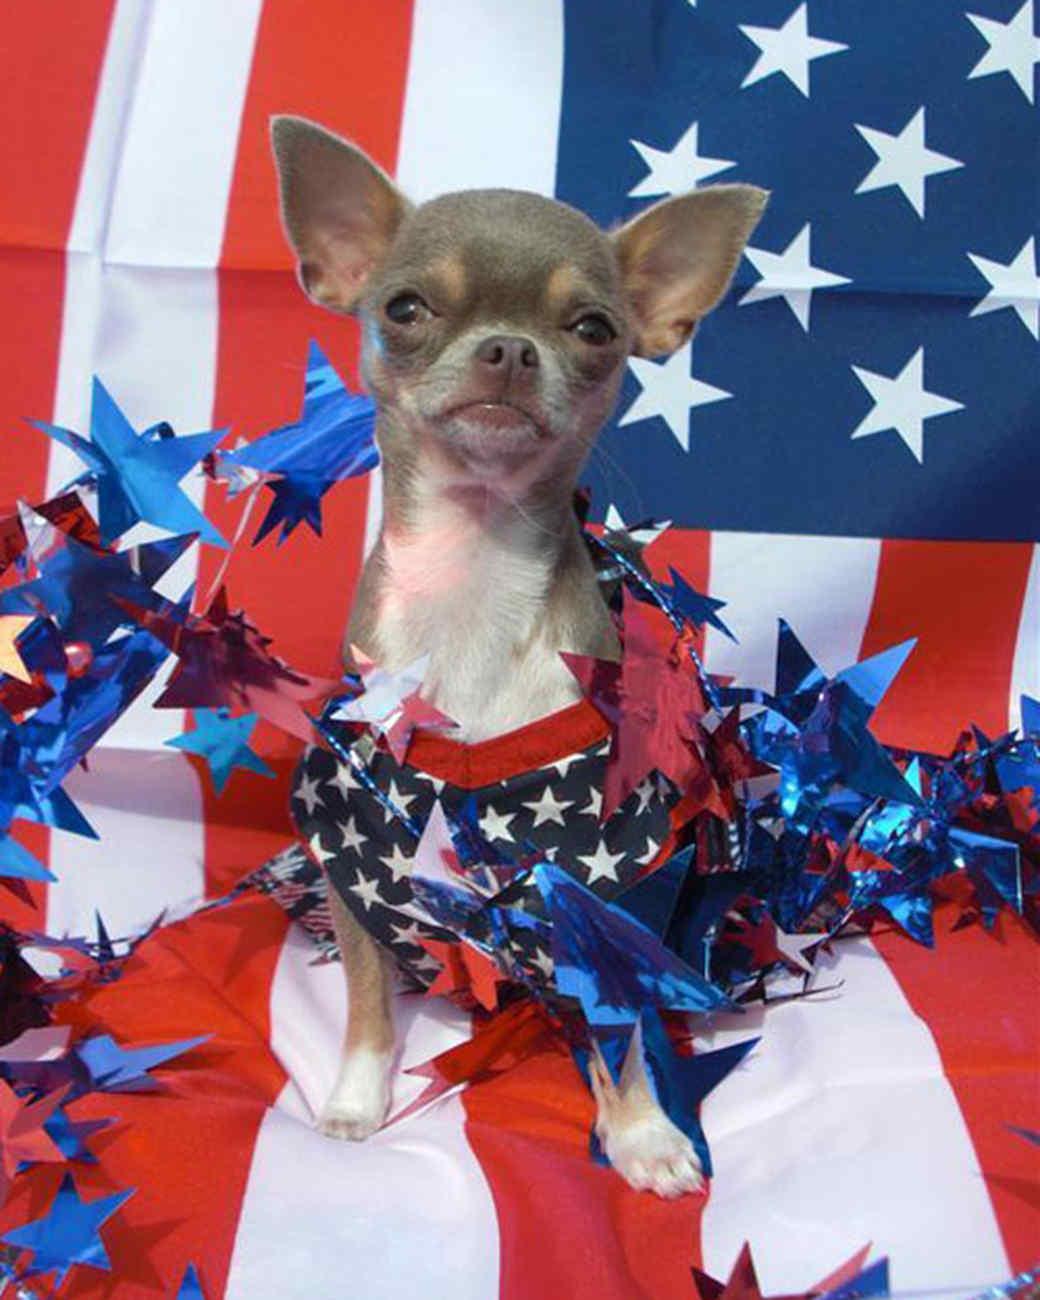 p_patriotic_10_9182932_10802354.jpg